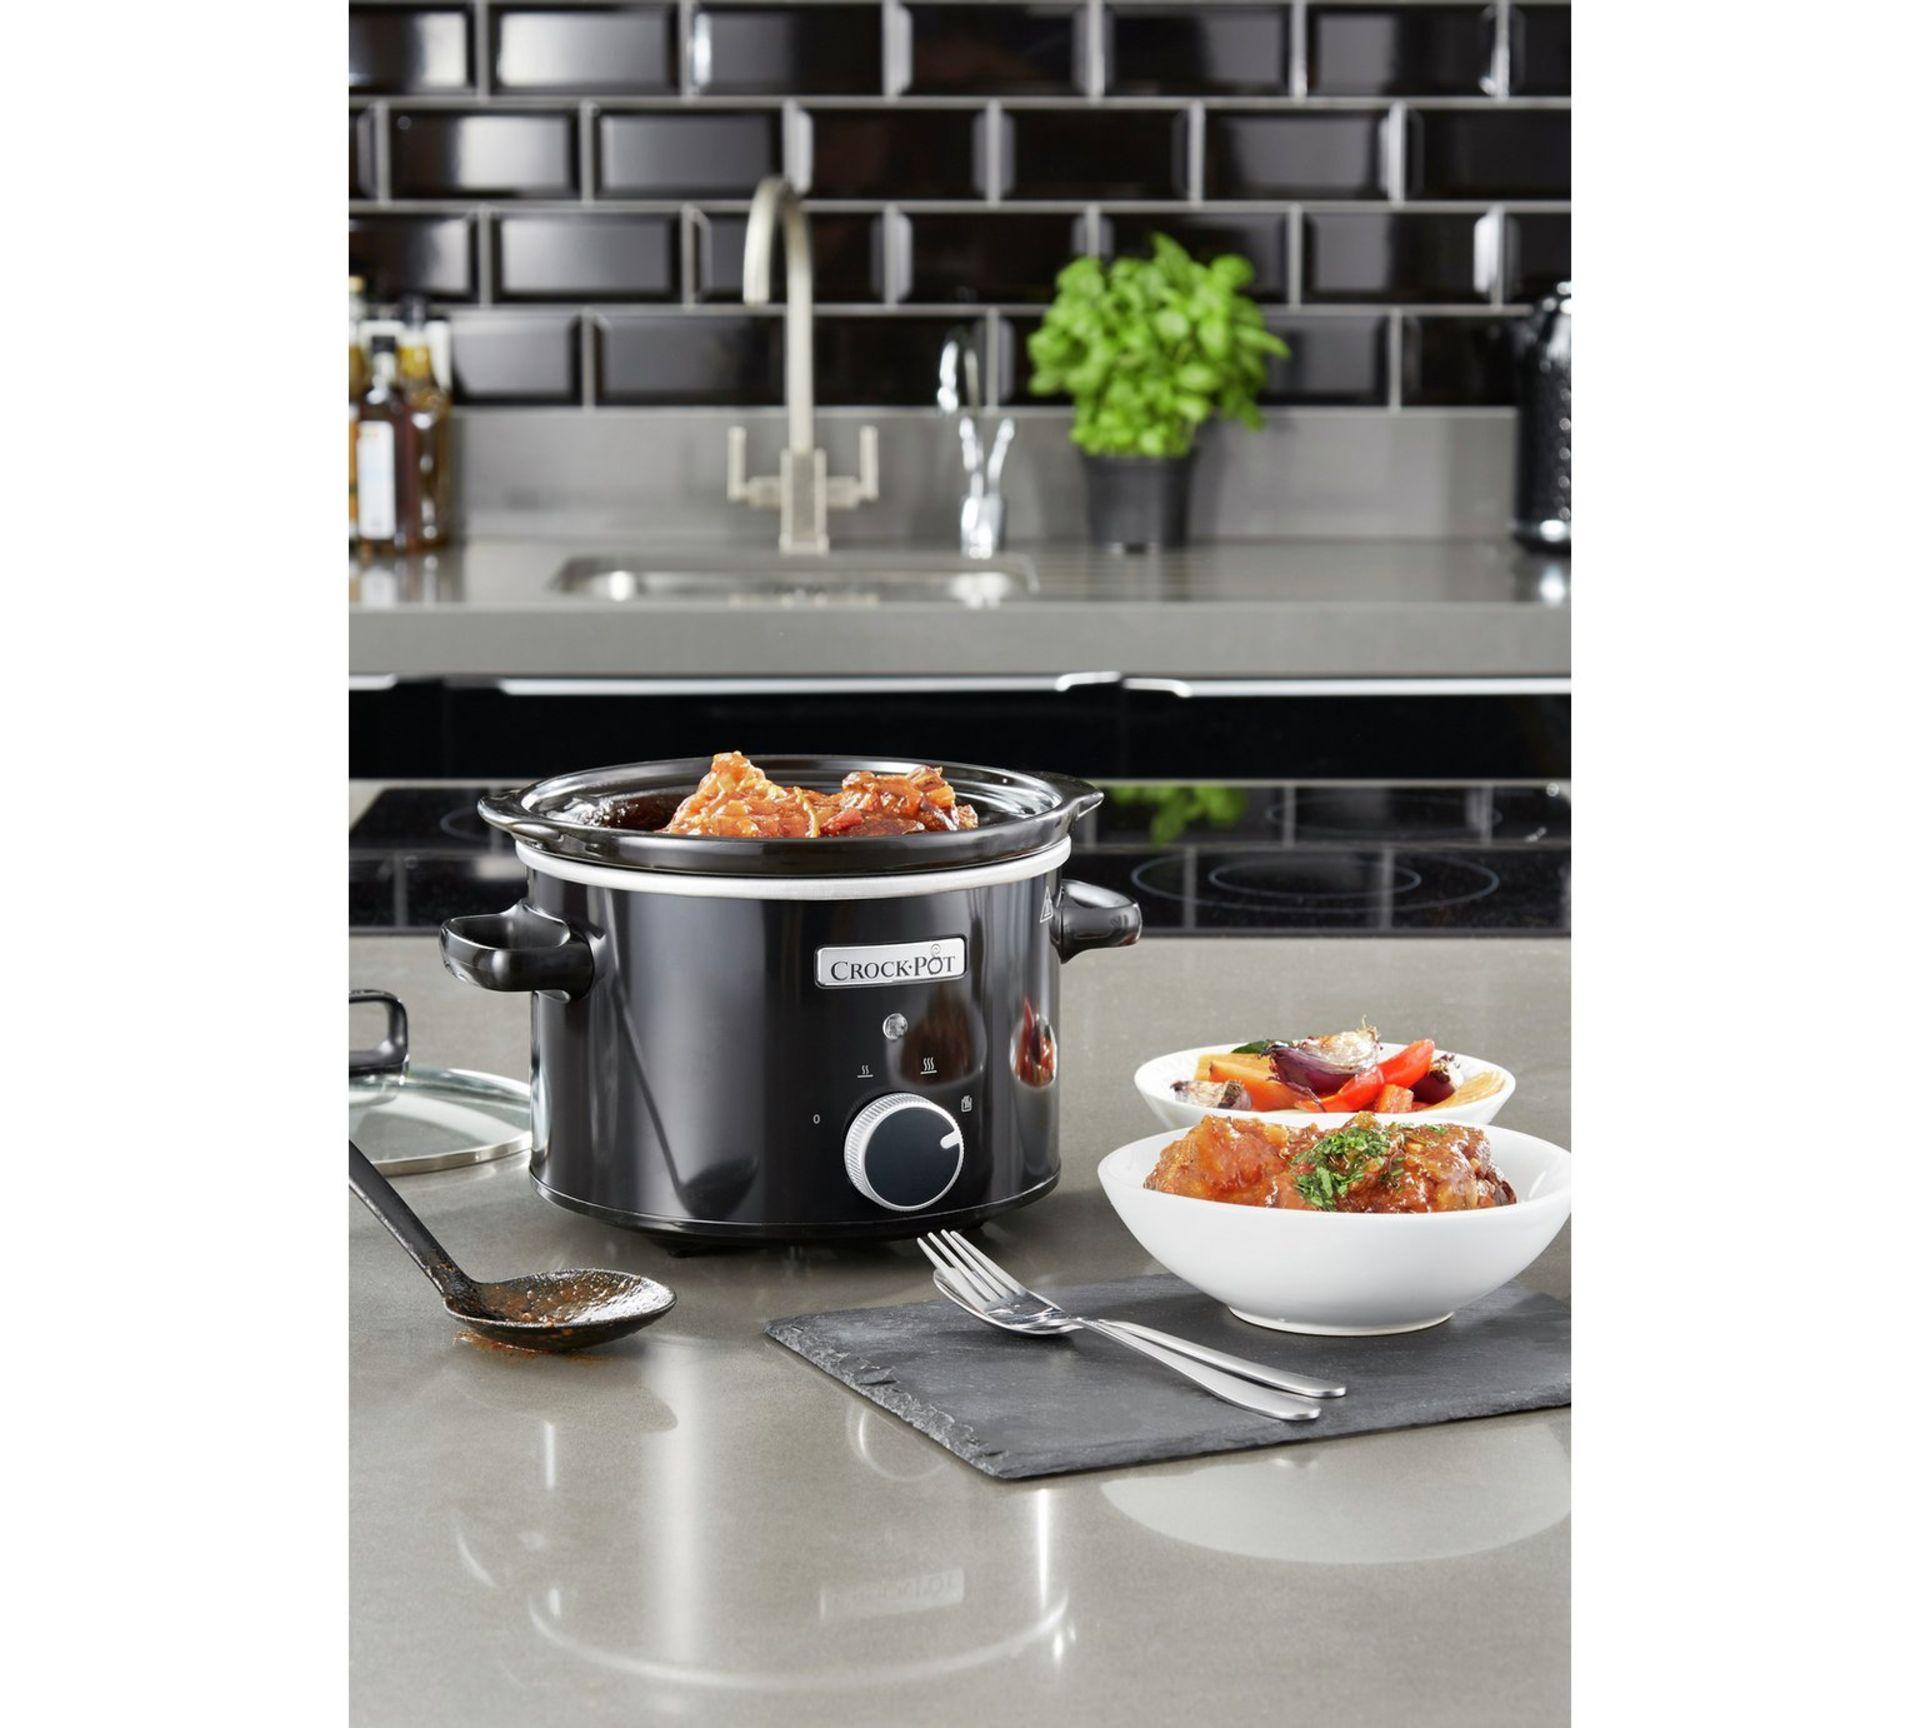 Lot 13268 - V Brand New 2.4L Crock-Pot Slow Cooker - £31.99 at Espares.co.uk - Black - Dishwasher Safe - Oven